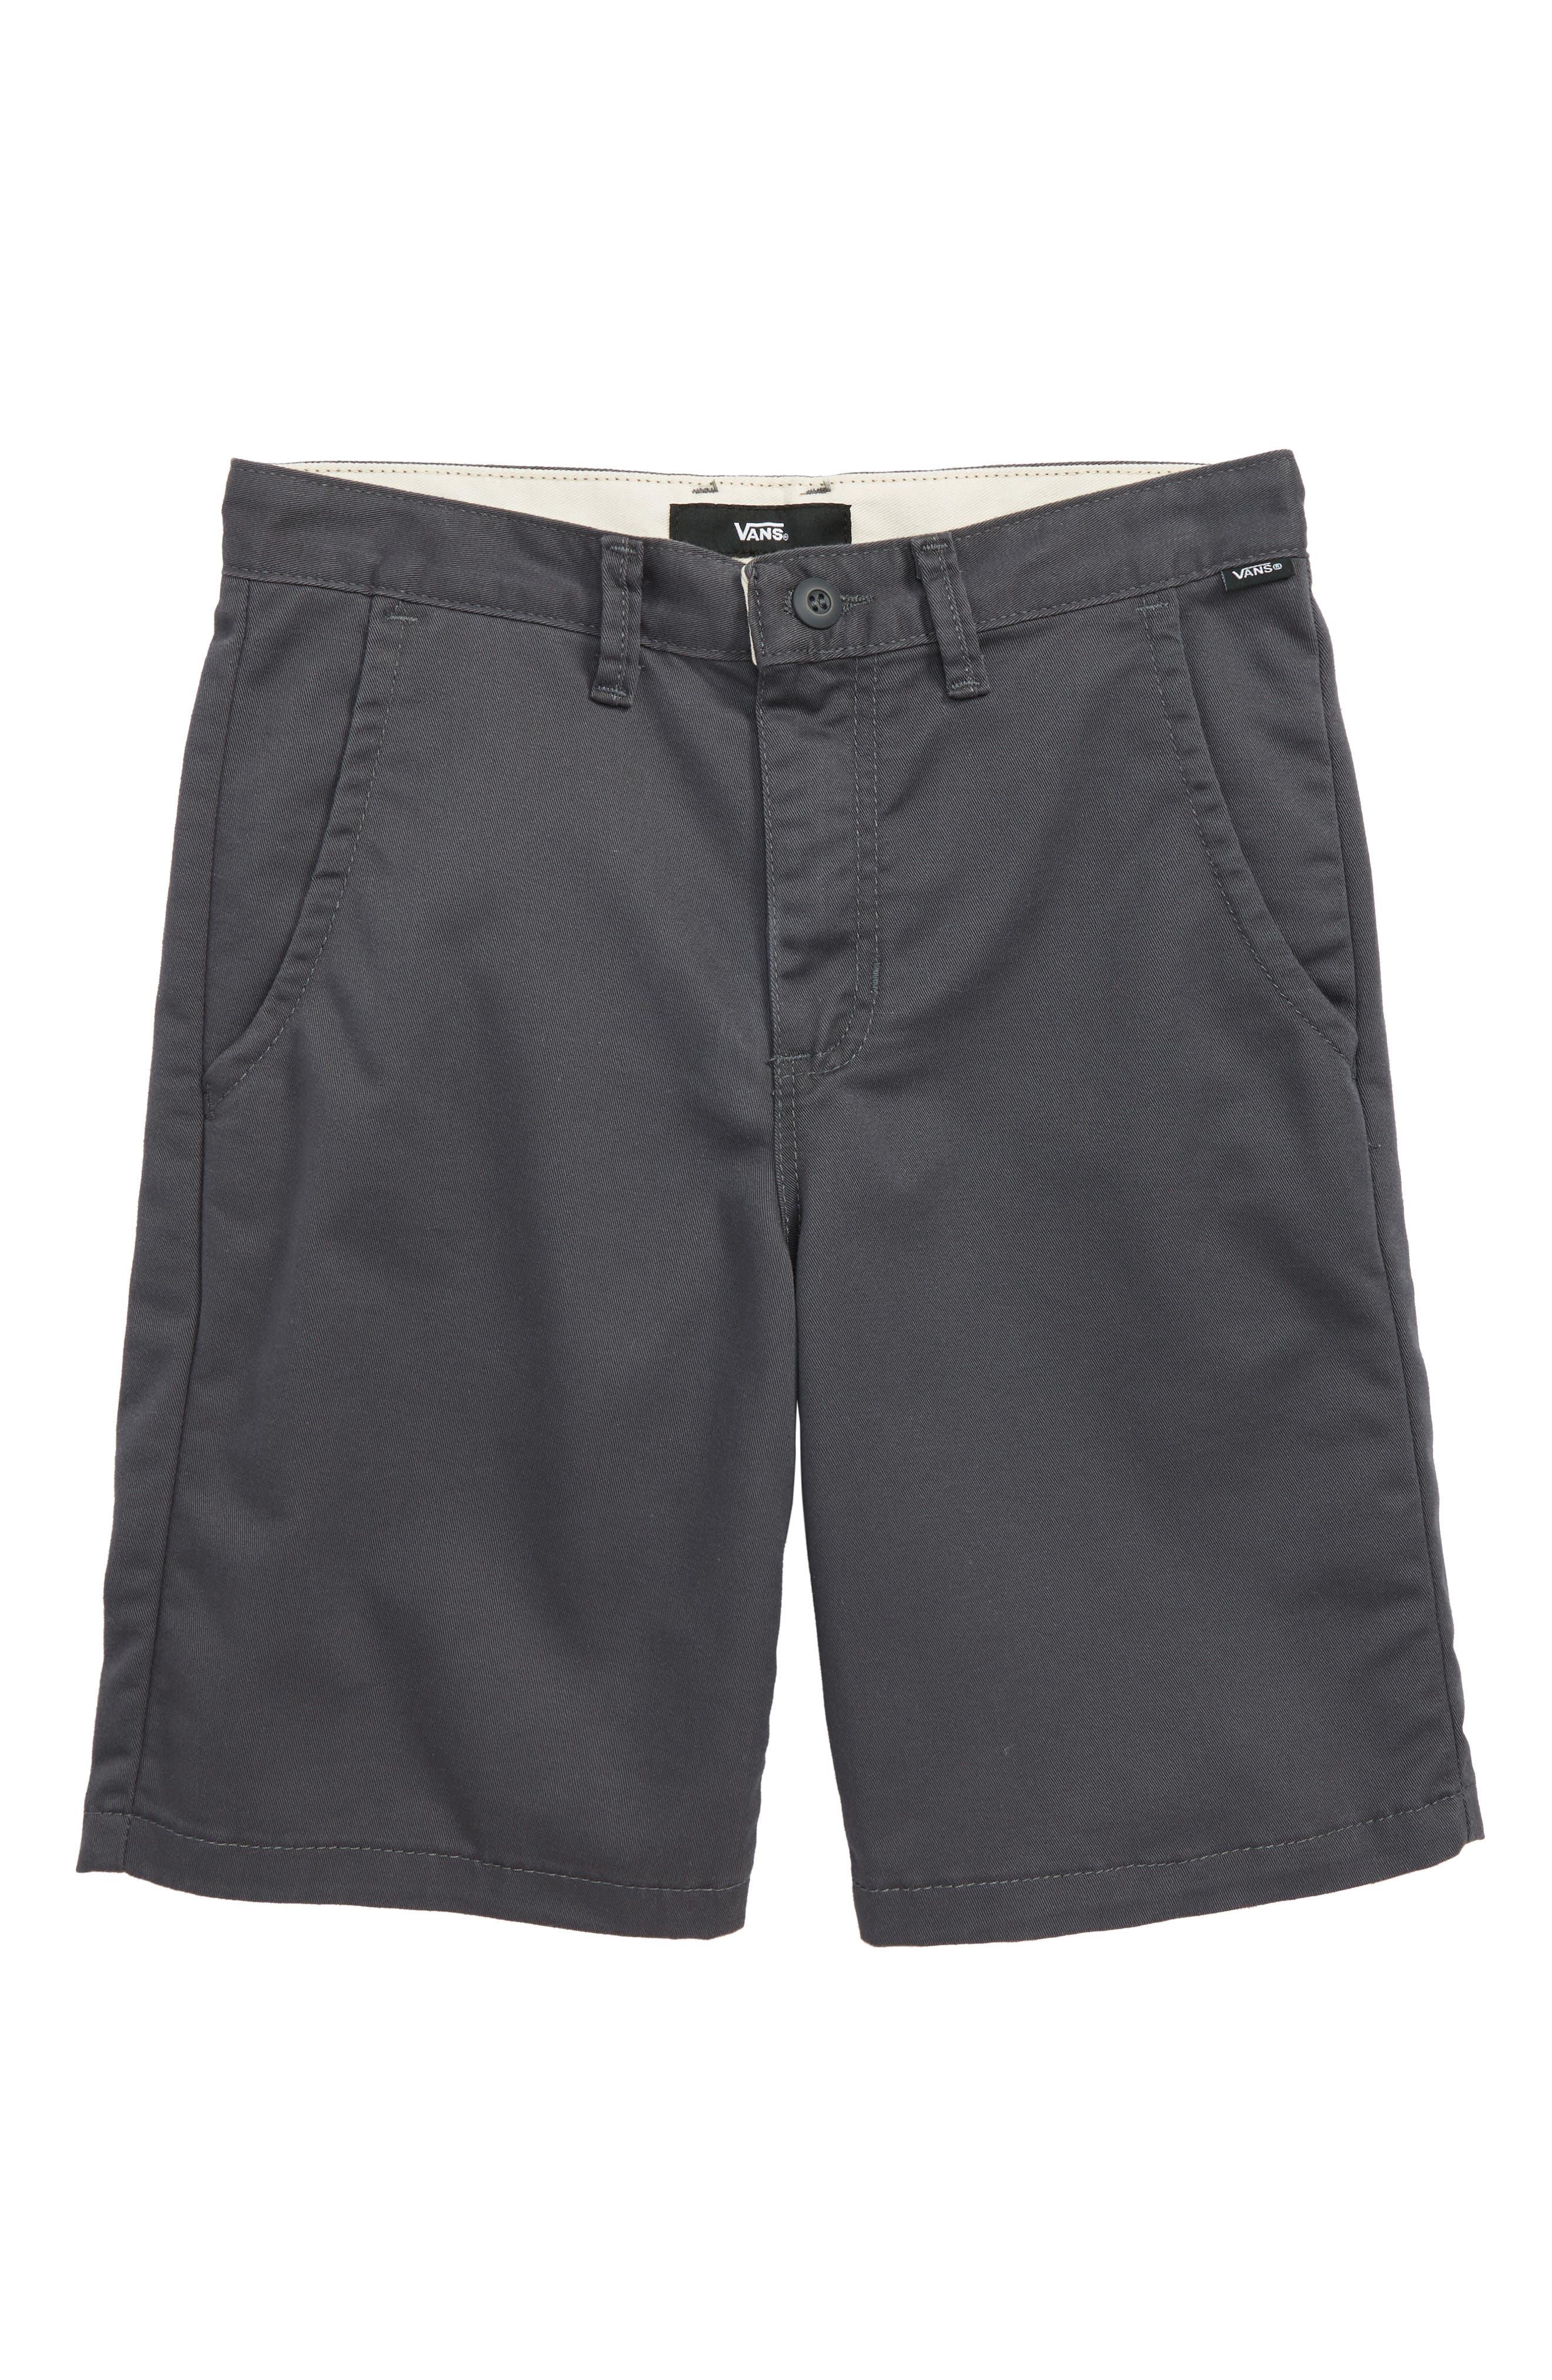 Authentic Walk Shorts,                             Main thumbnail 1, color,                             ASPHALT